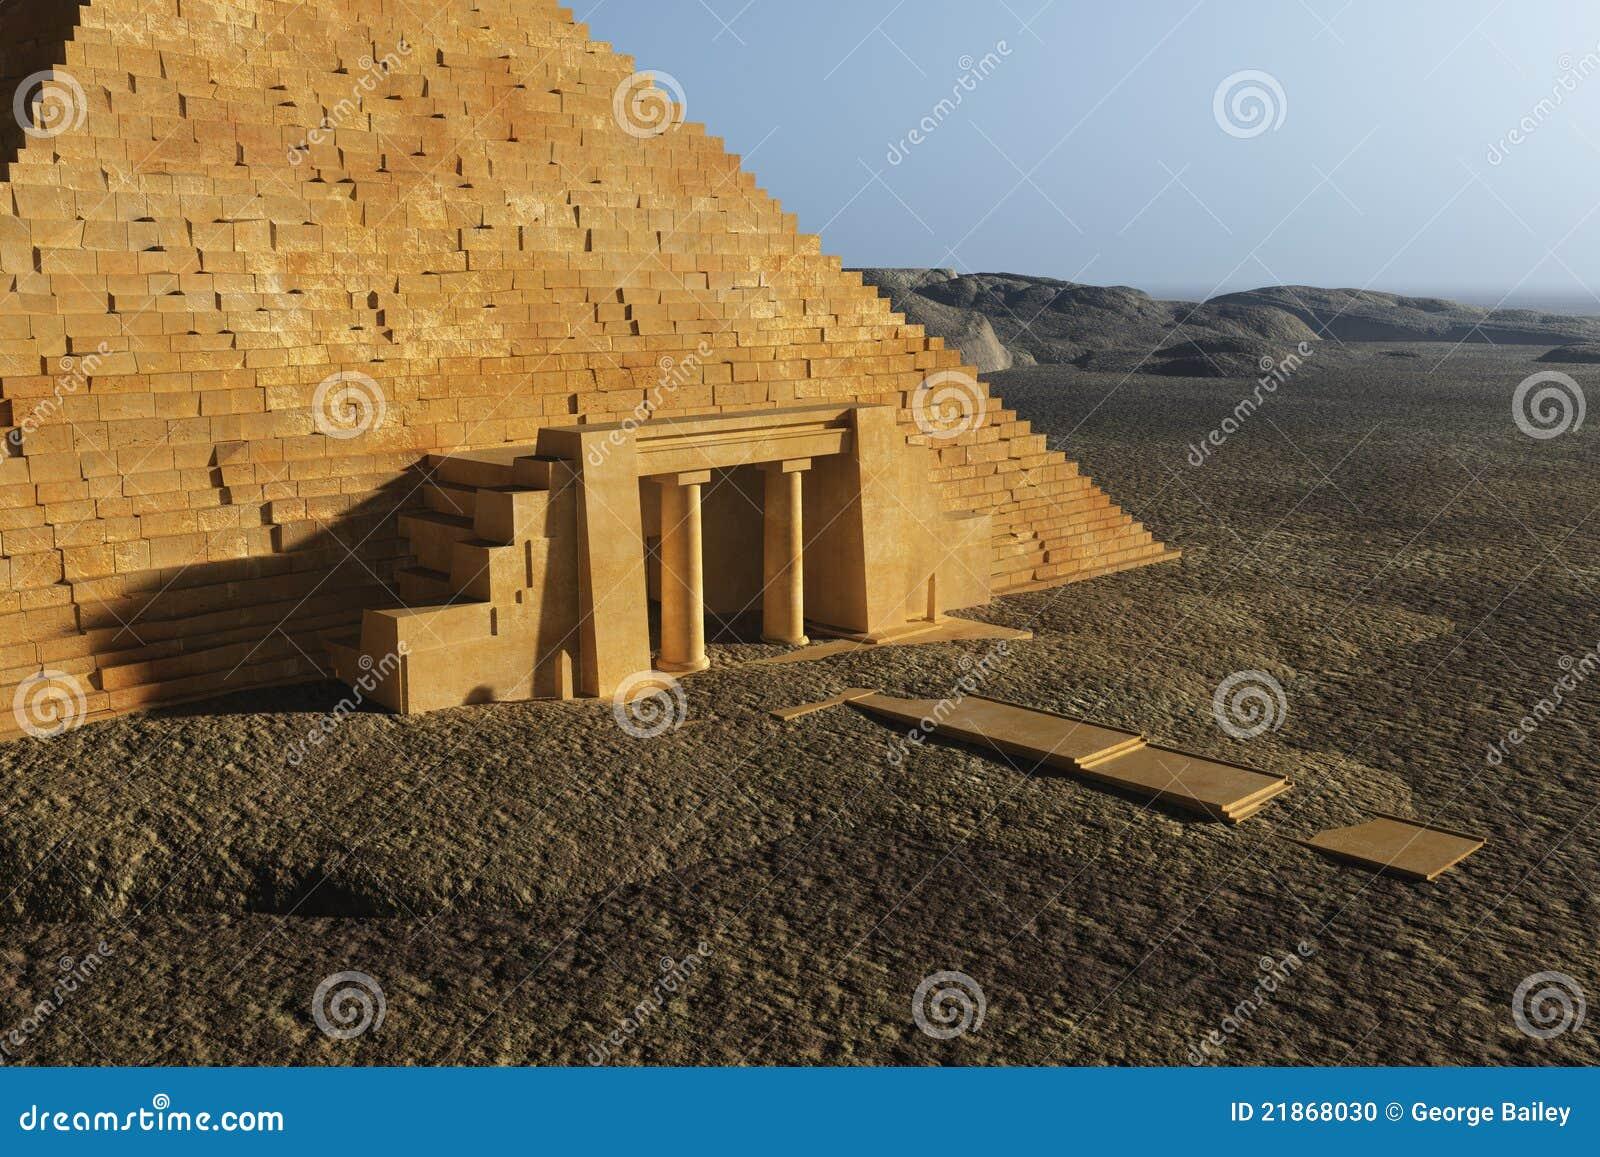 De egyptische ingang van de piramide stock foto afbeelding 21868030 - Ingang van een huis ...